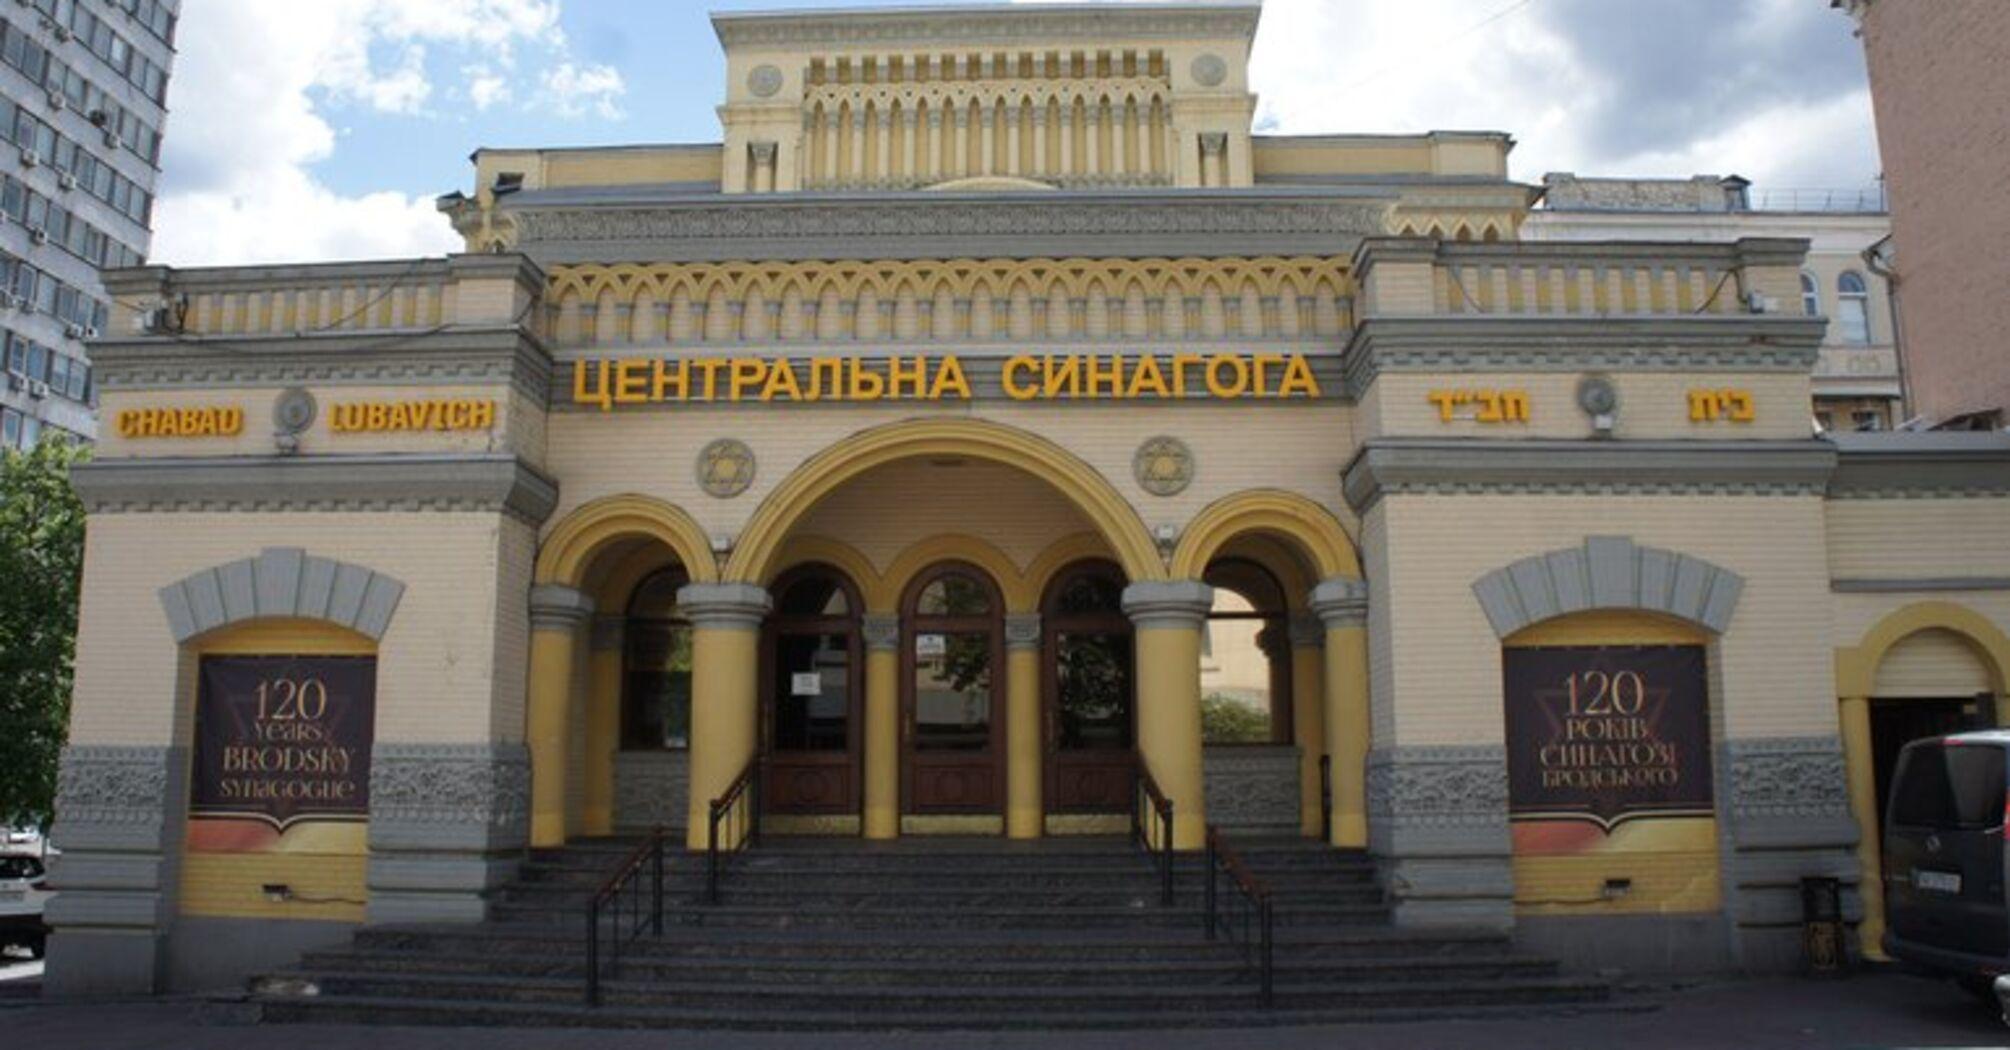 Релігійні діячі очікують реакції Президента на прослуховування синагоги